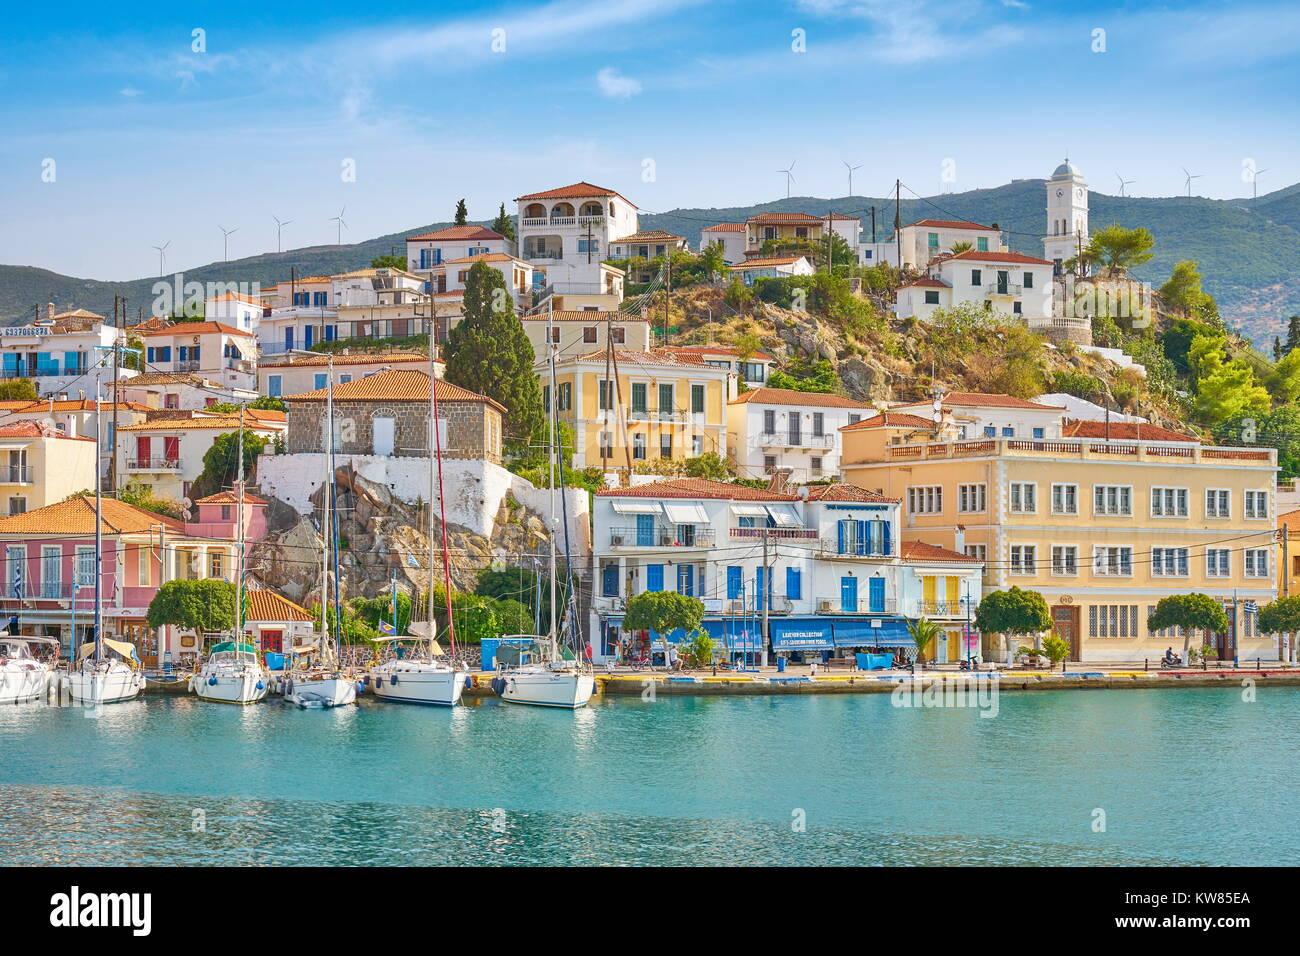 La isla de Poros, Argolida, Peloponeso, Grecia Imagen De Stock